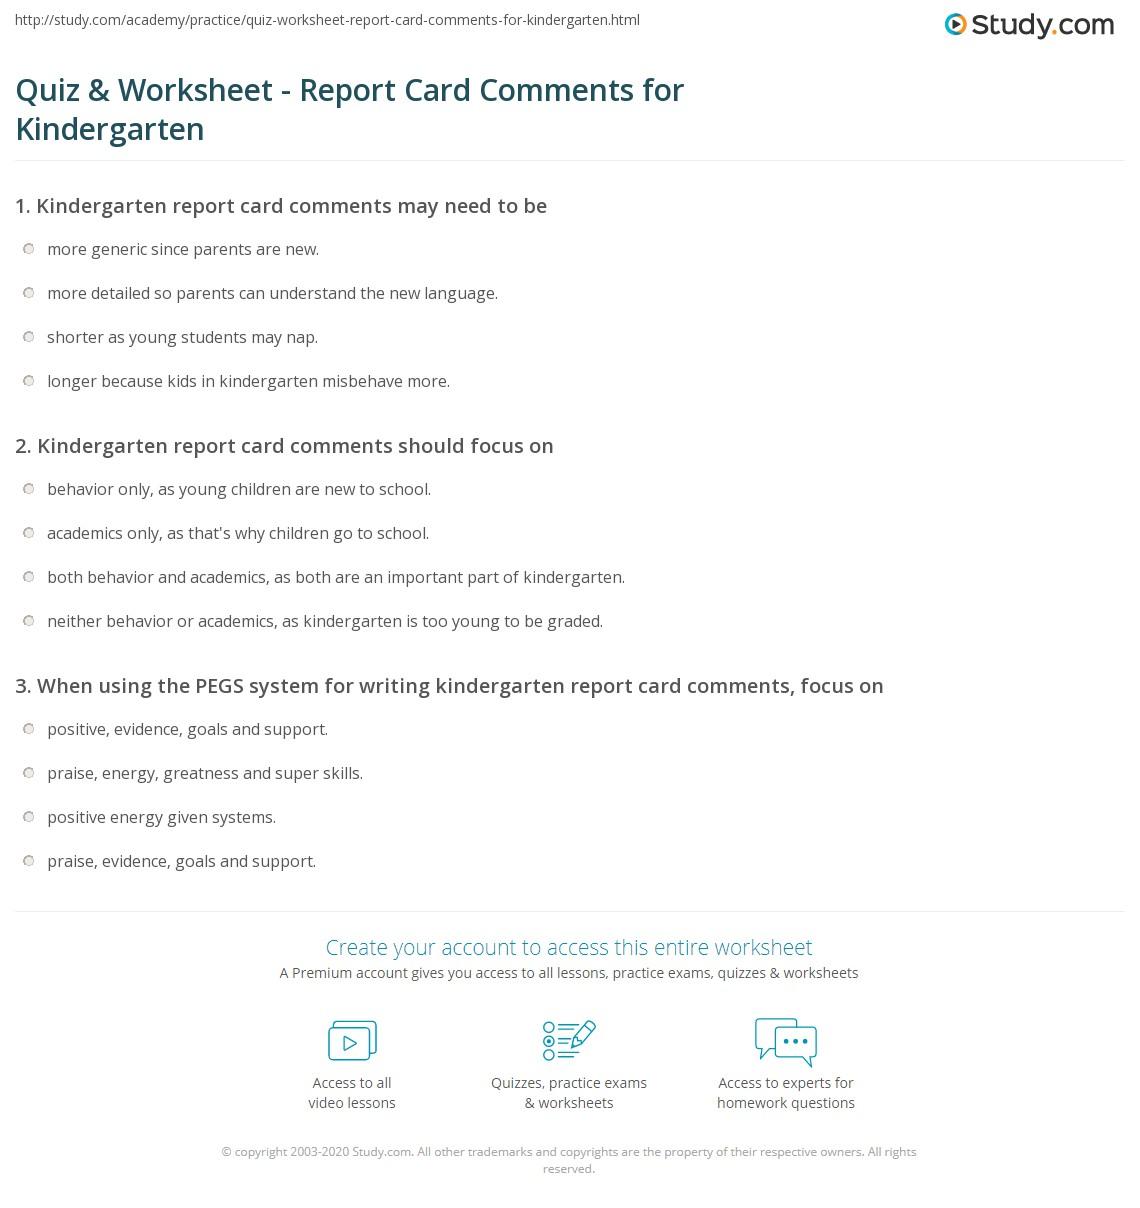 Worksheets Behavior Worksheets For Kids quiz worksheet report card comments for kindergarten study com print worksheet